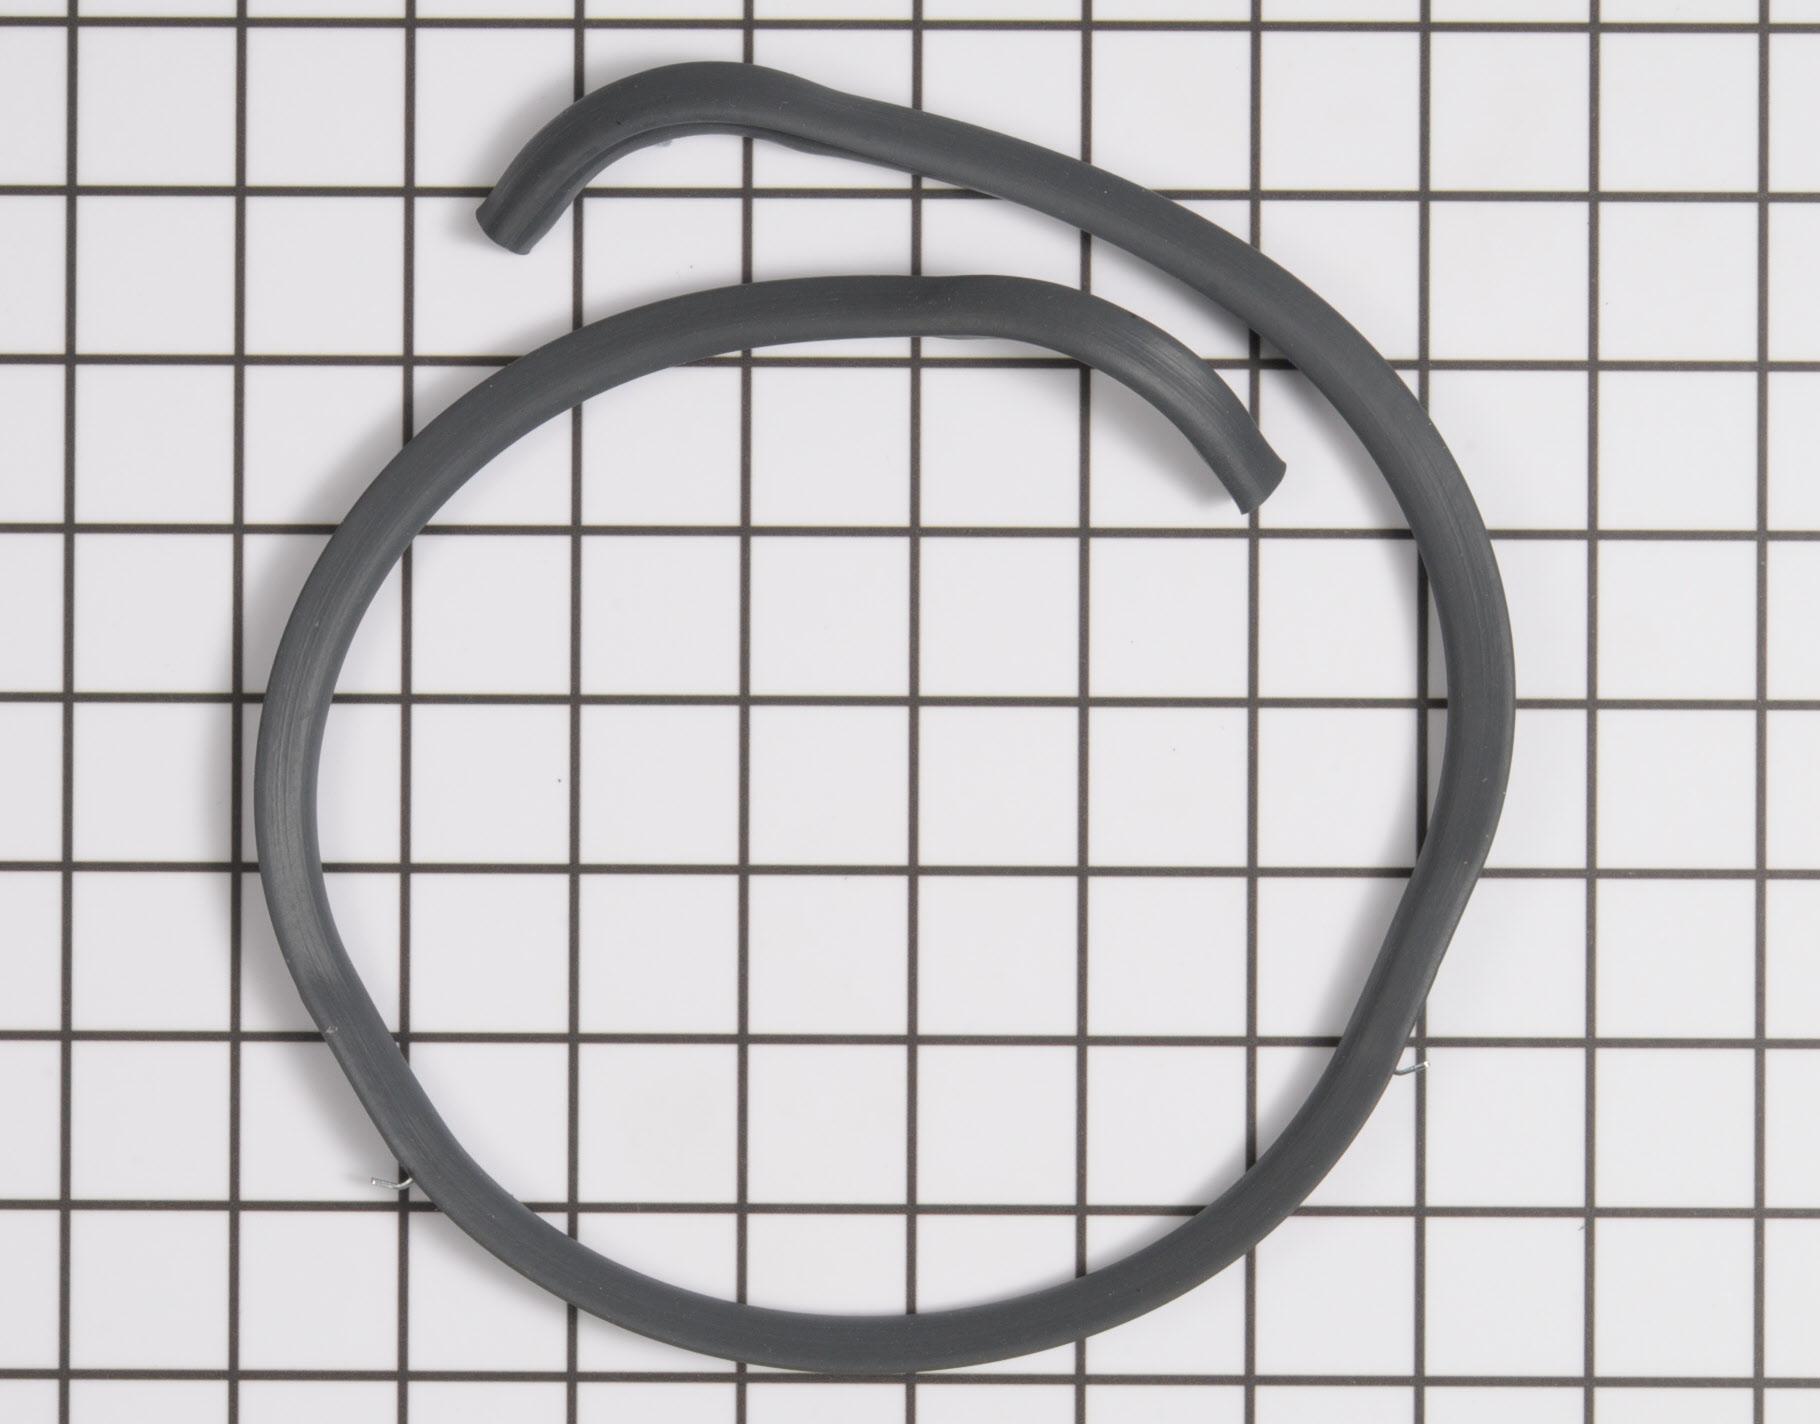 Amana Range/Stove/Oven Part # WP98017162 - Door Gasket